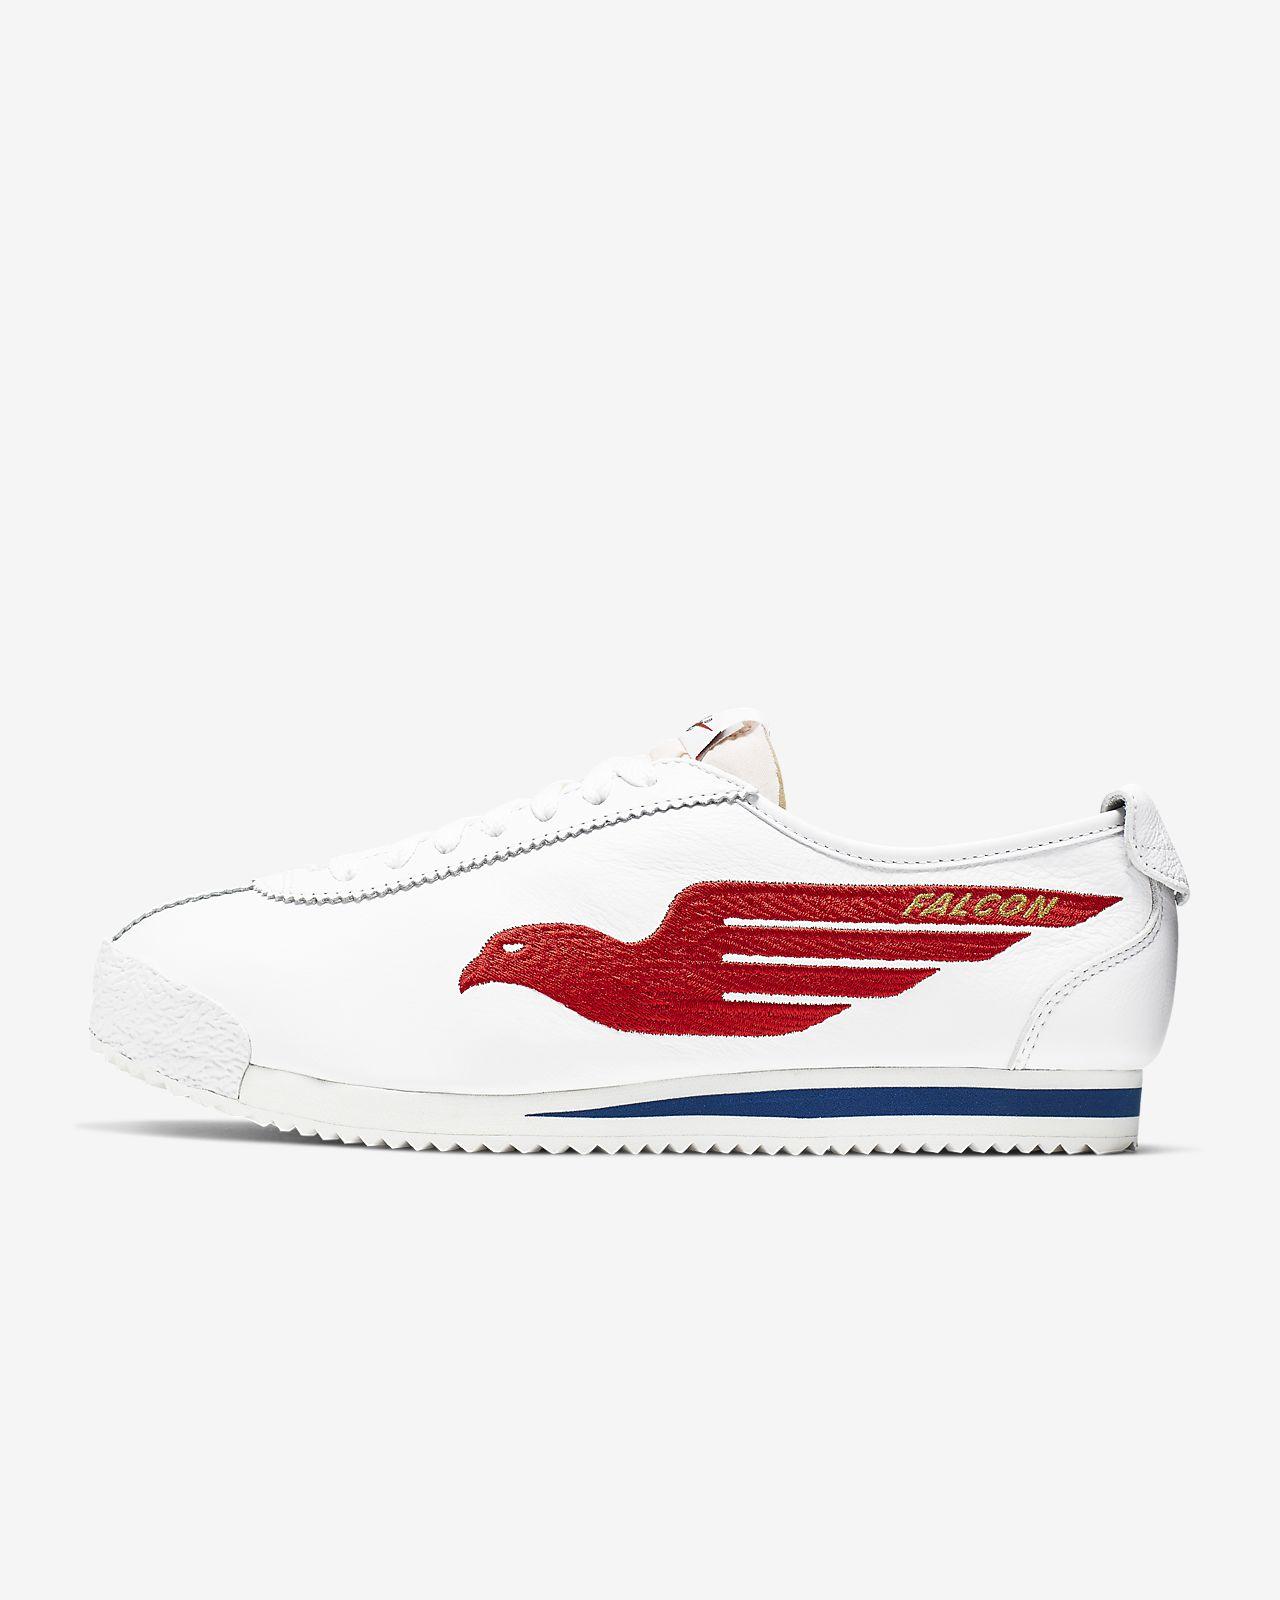 Nike Cortez '72 S.D. Men's Shoe